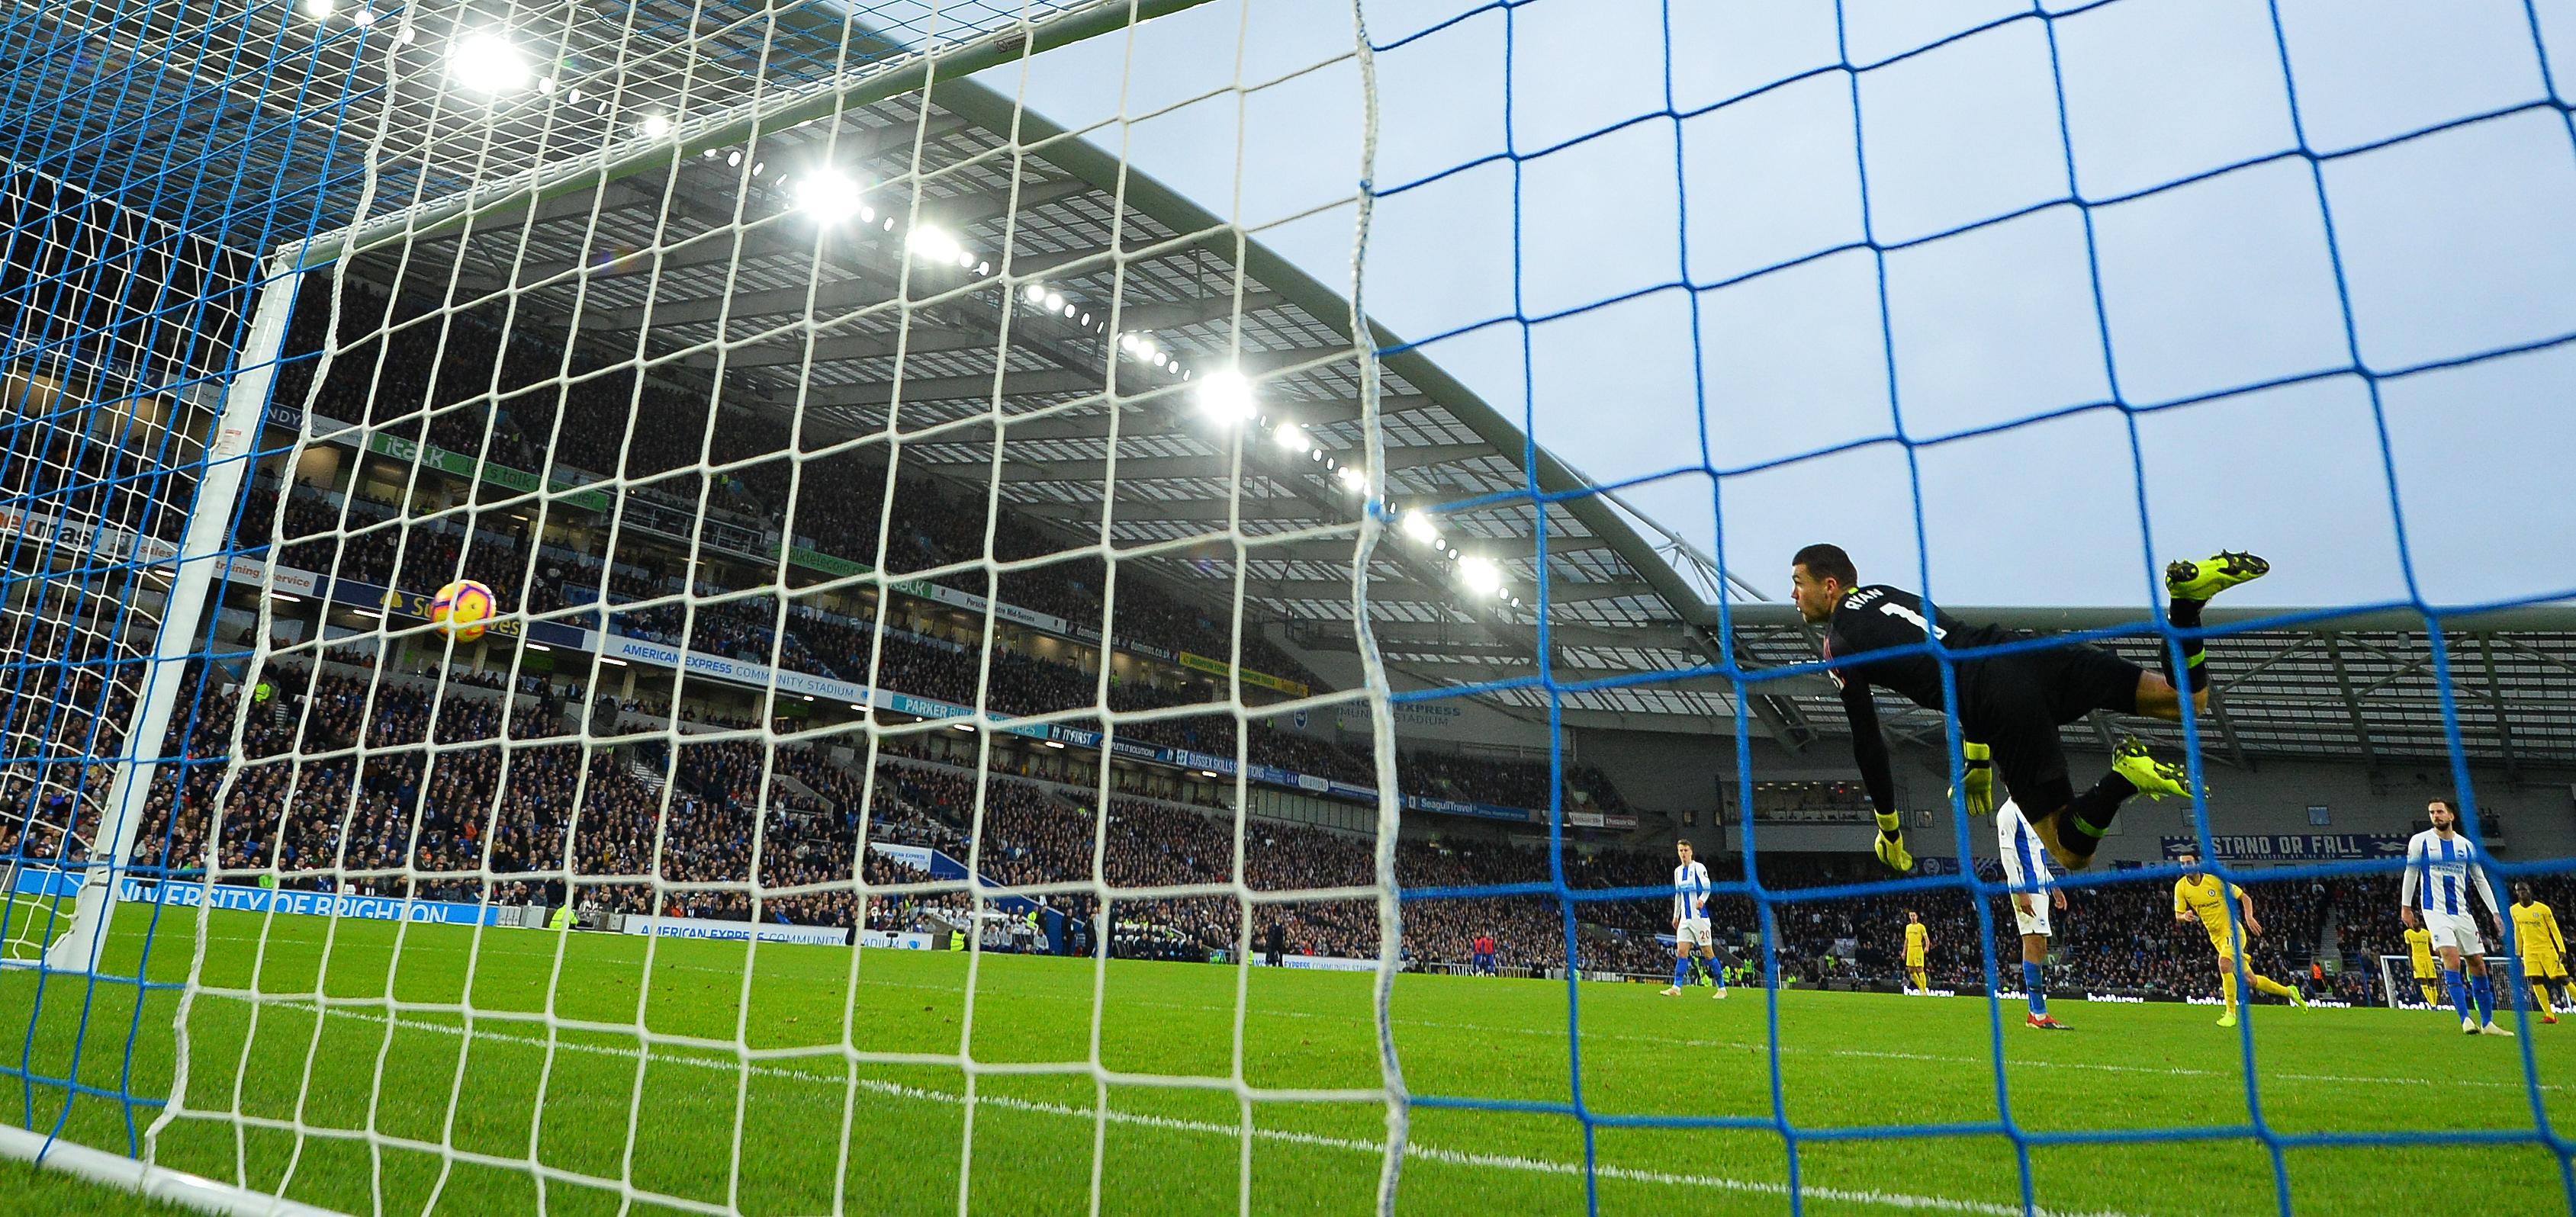 جانب من إحدى مباريات الدوري الإنكليزي الممتاز